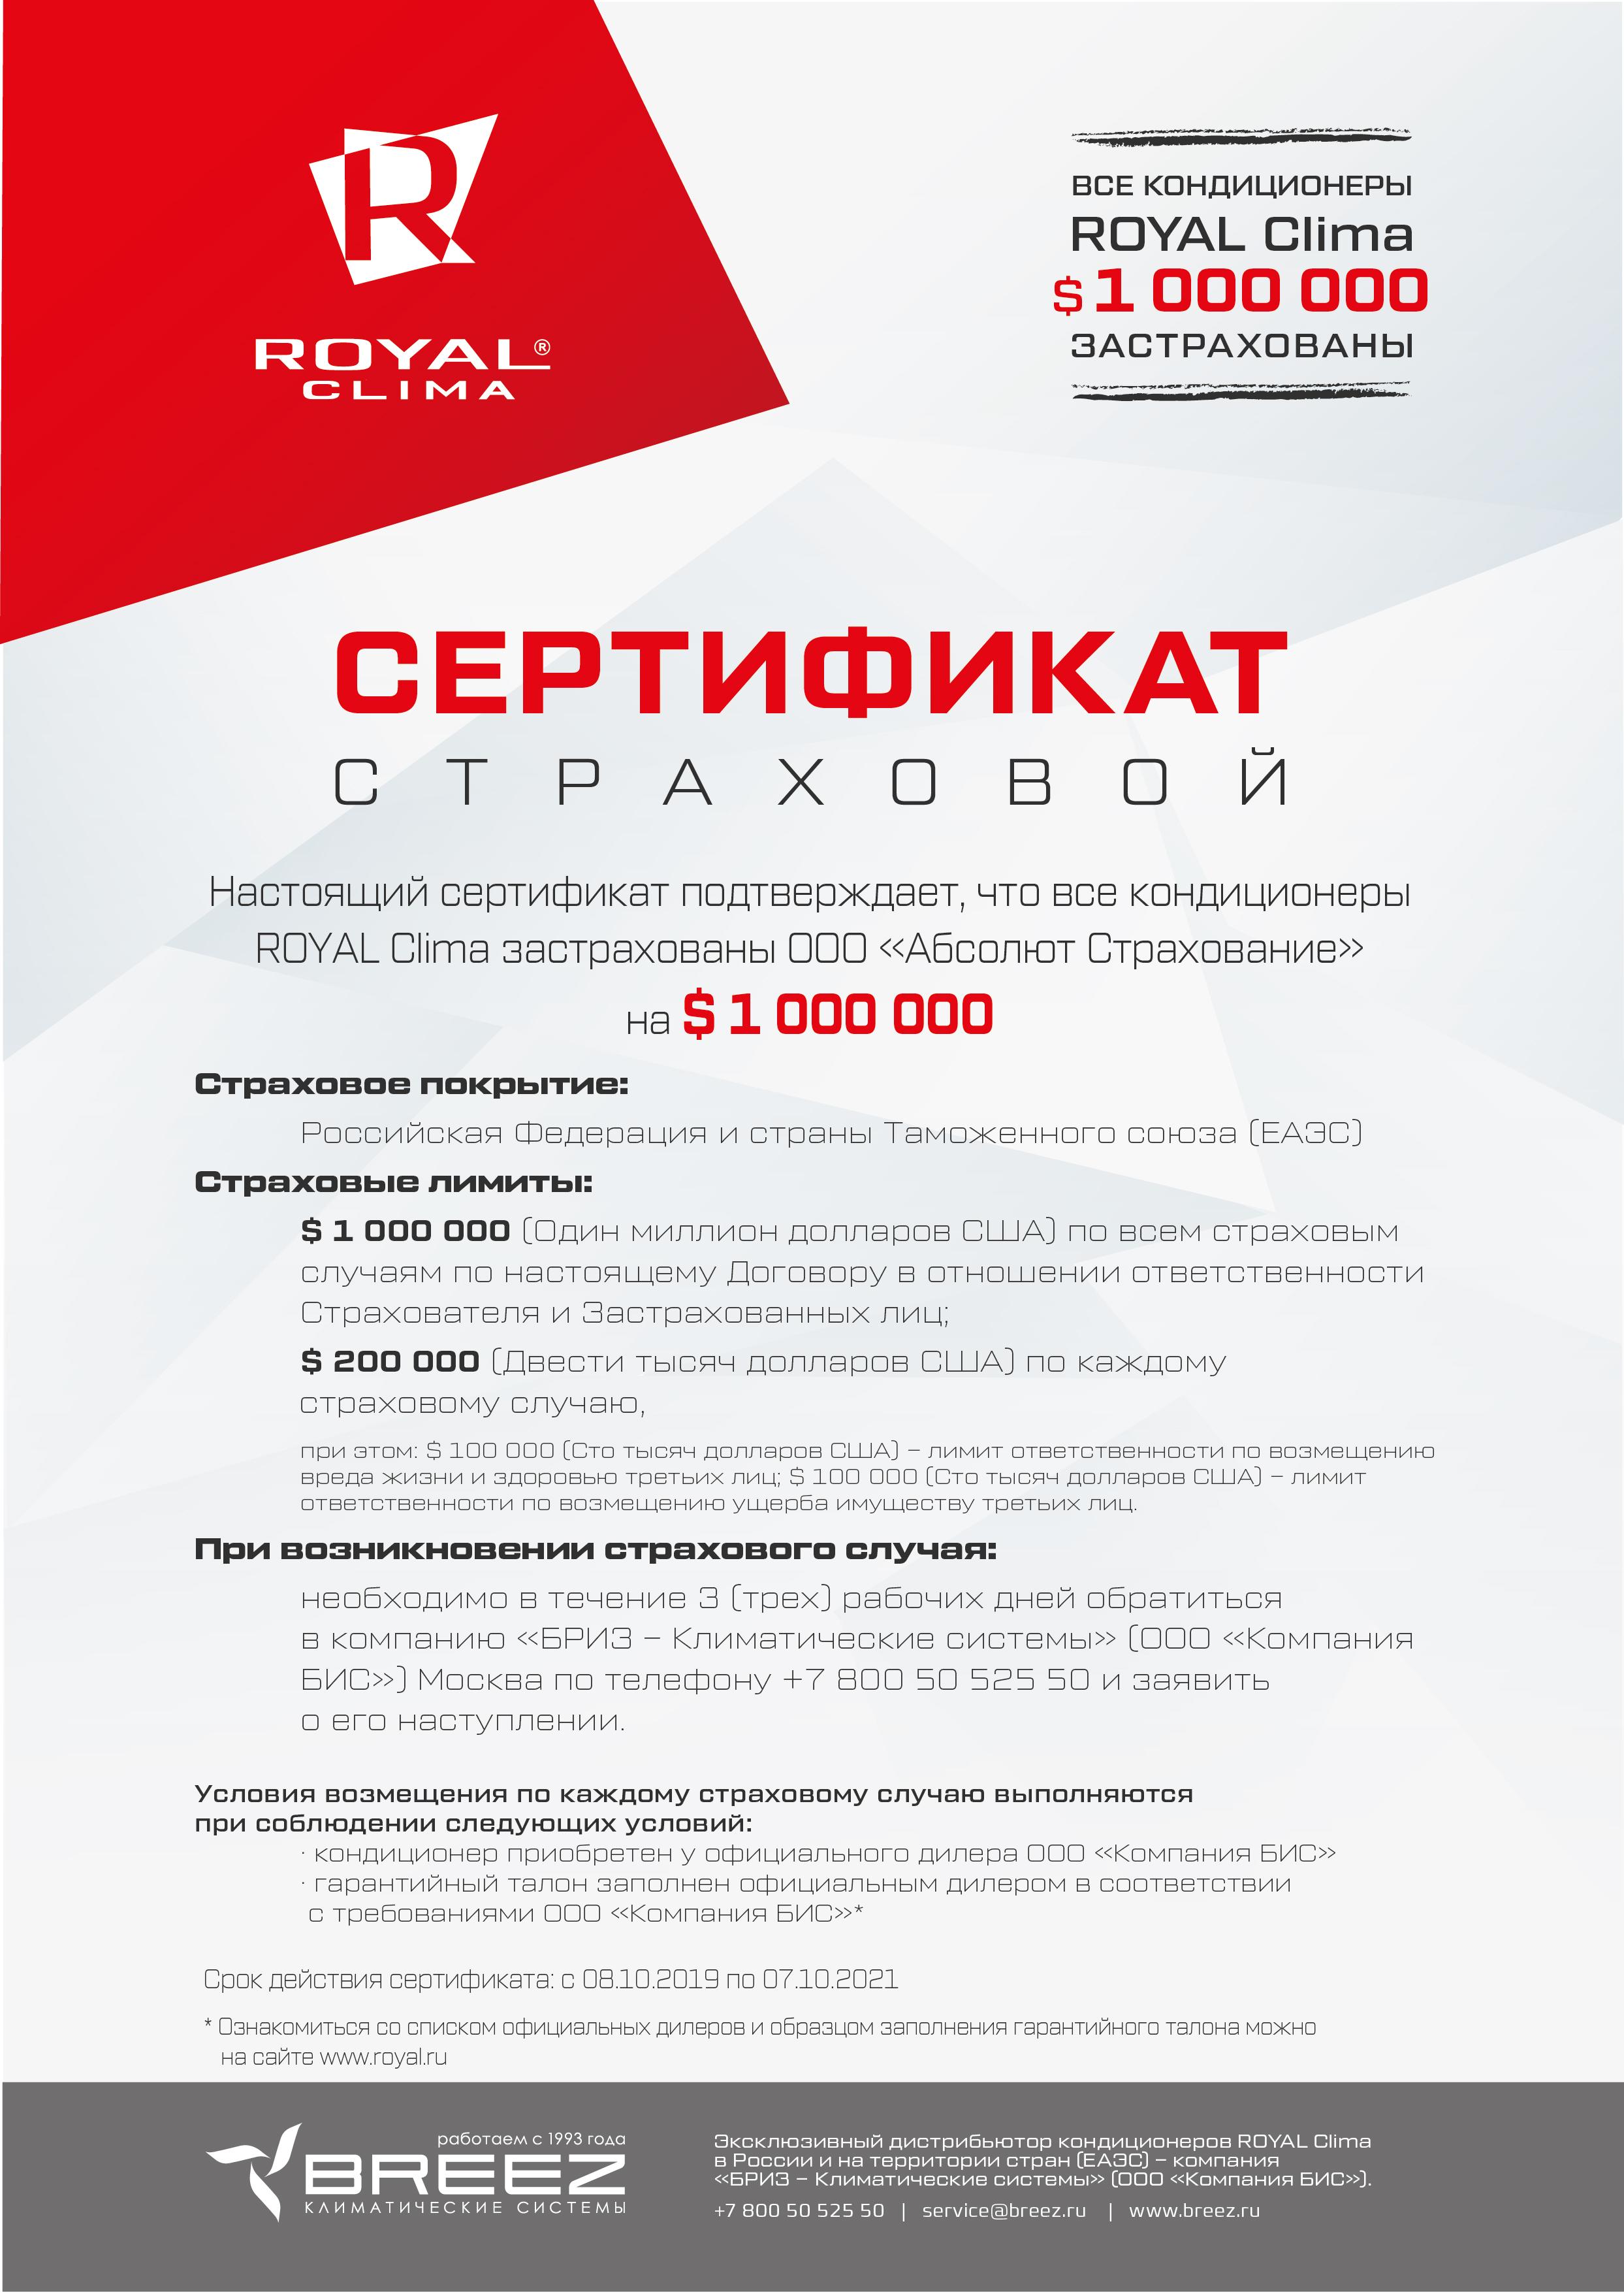 Страховой сертификат ROYAL Clima